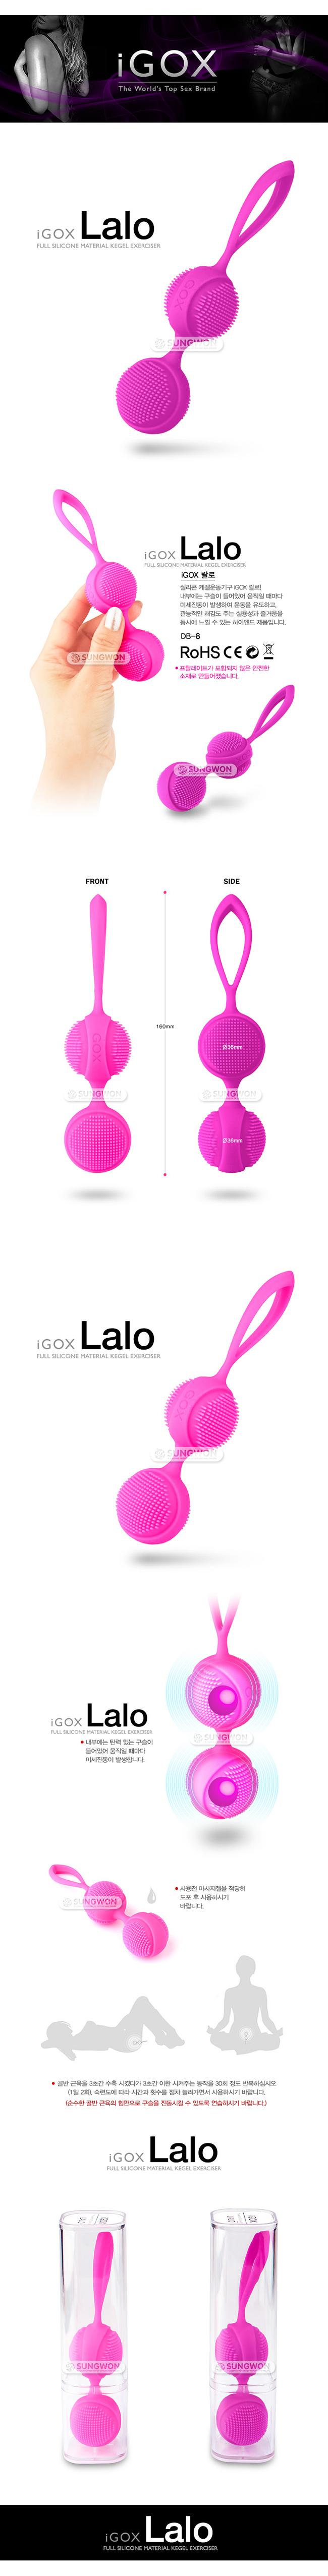 [케겔 볼] iGOX 랄로(iGOX Lalo) - GOX-8